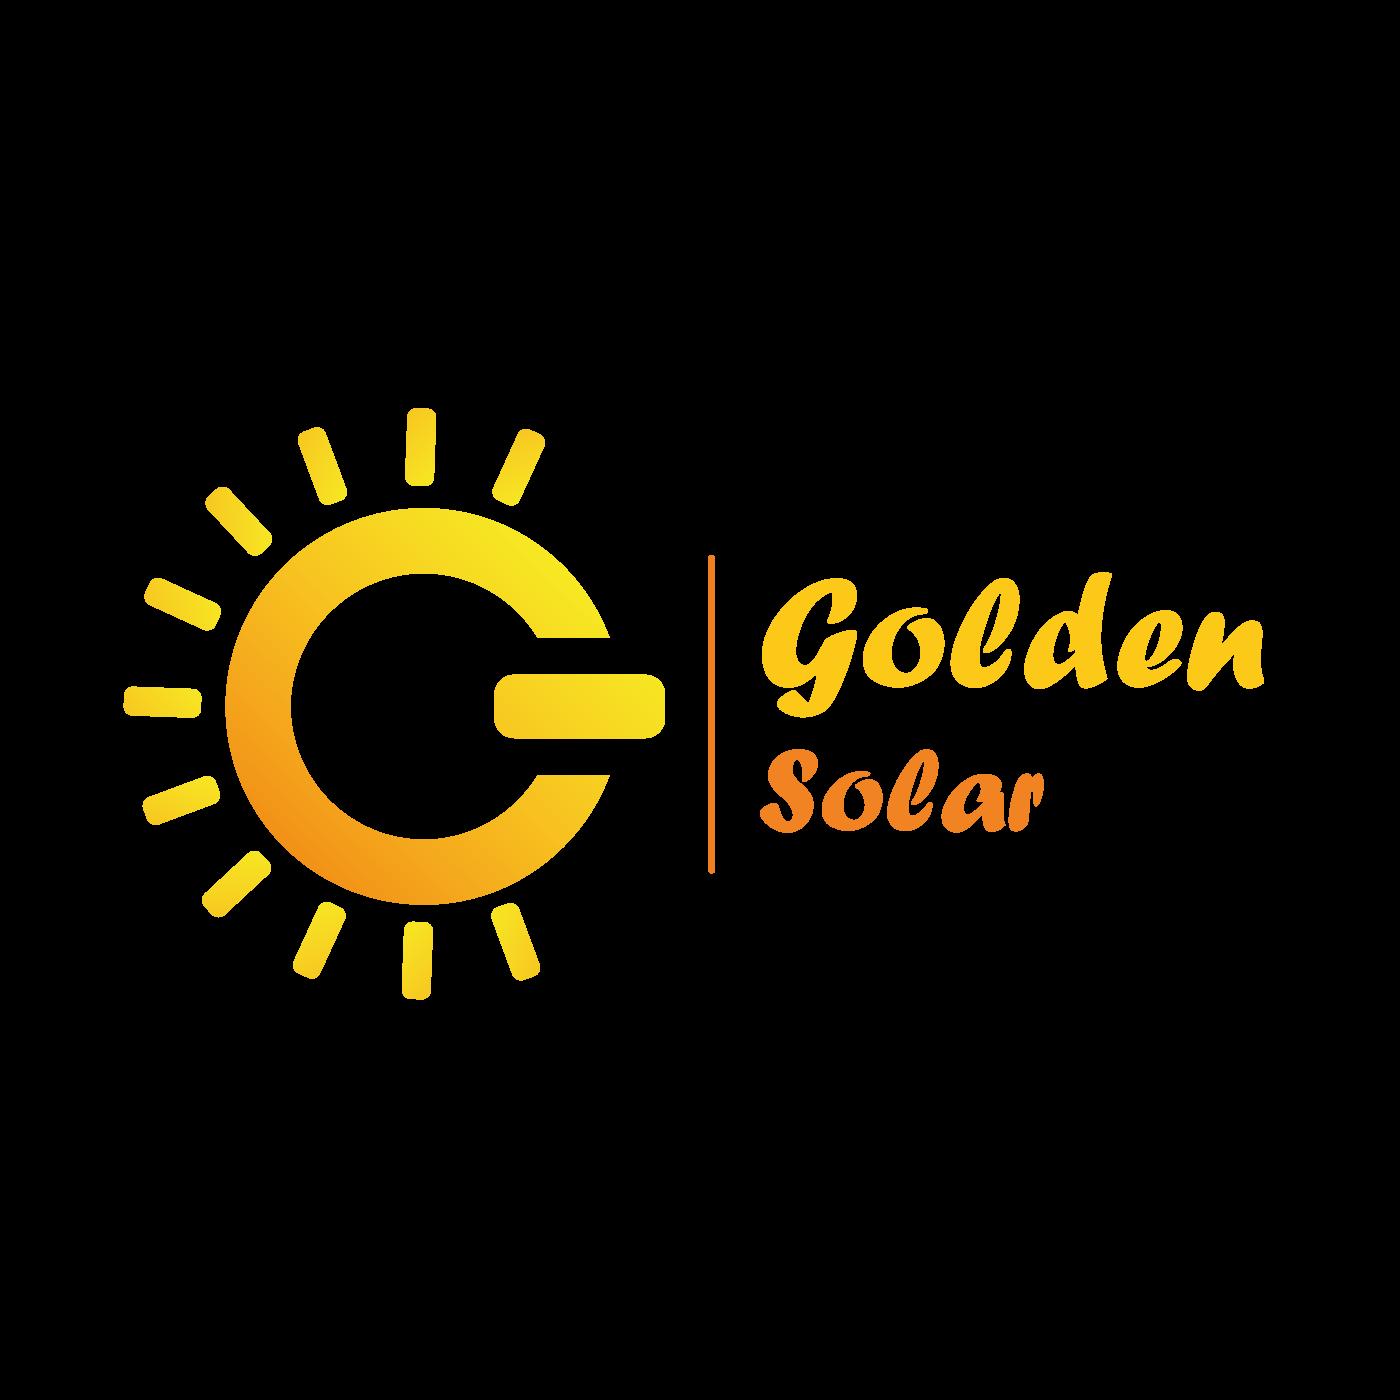 جولدن سولار لانظمة الطاقة الشمسية والمتجدده